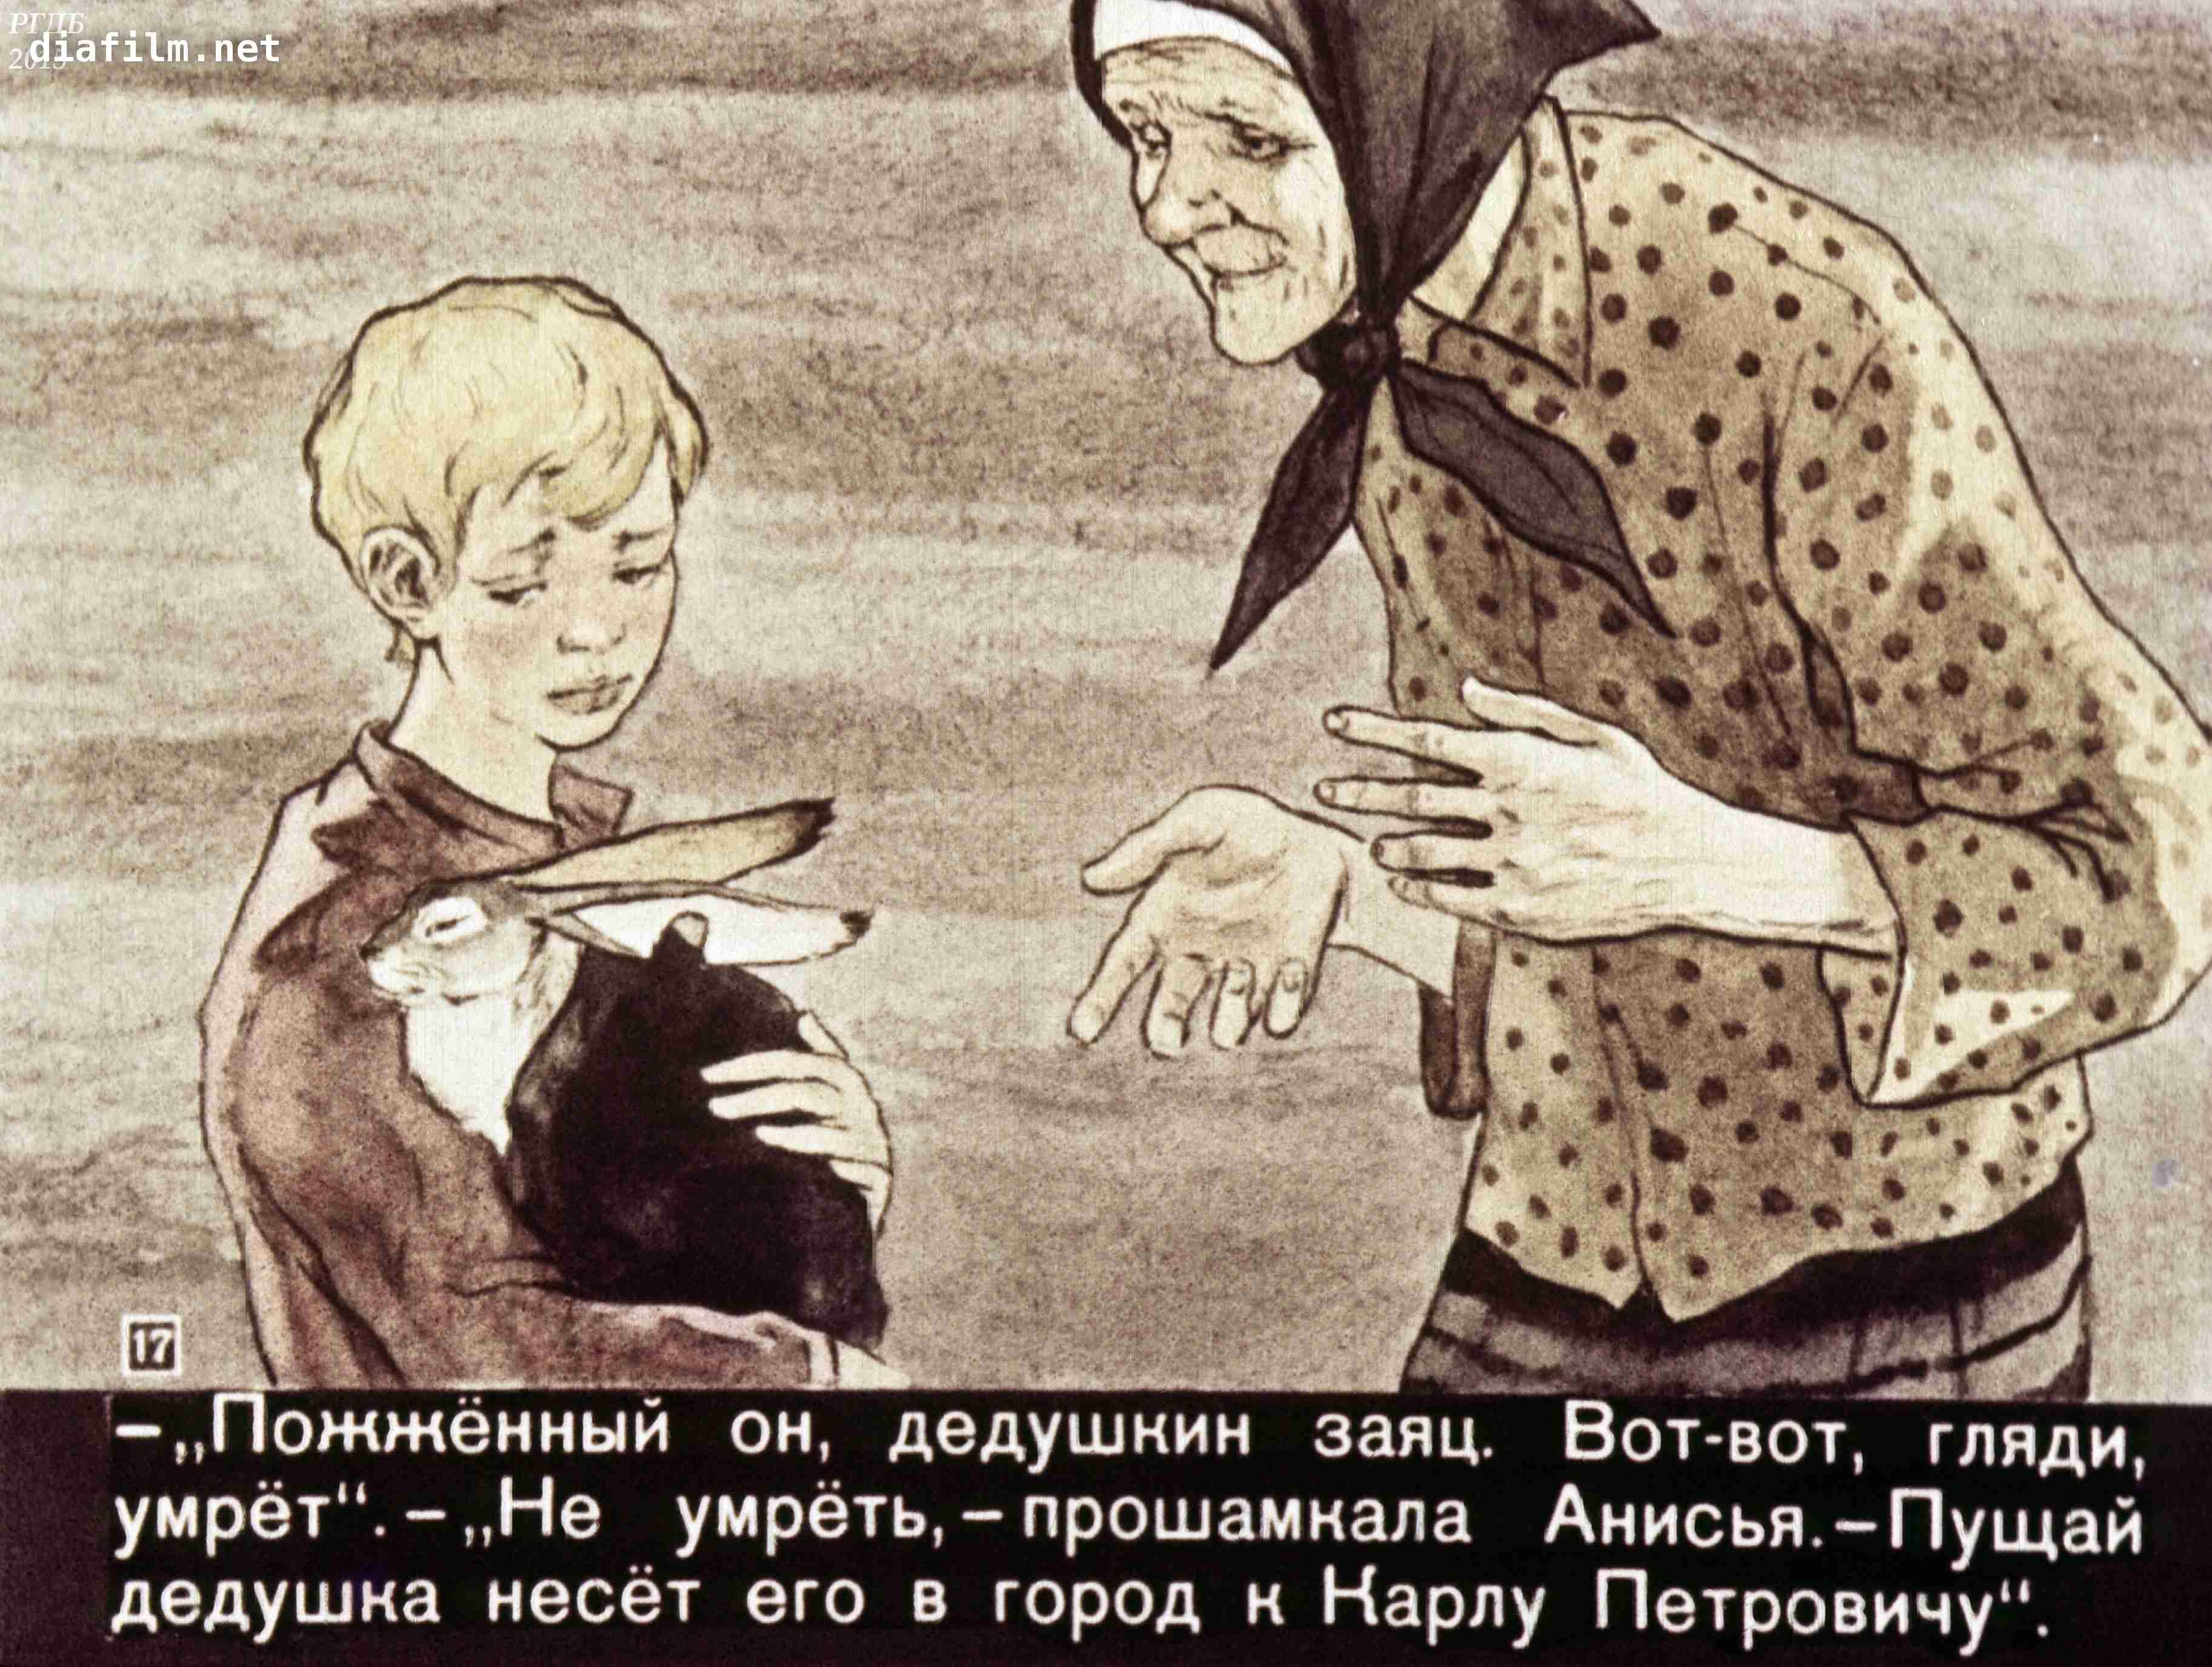 Картинки на сказку заячьи лапы